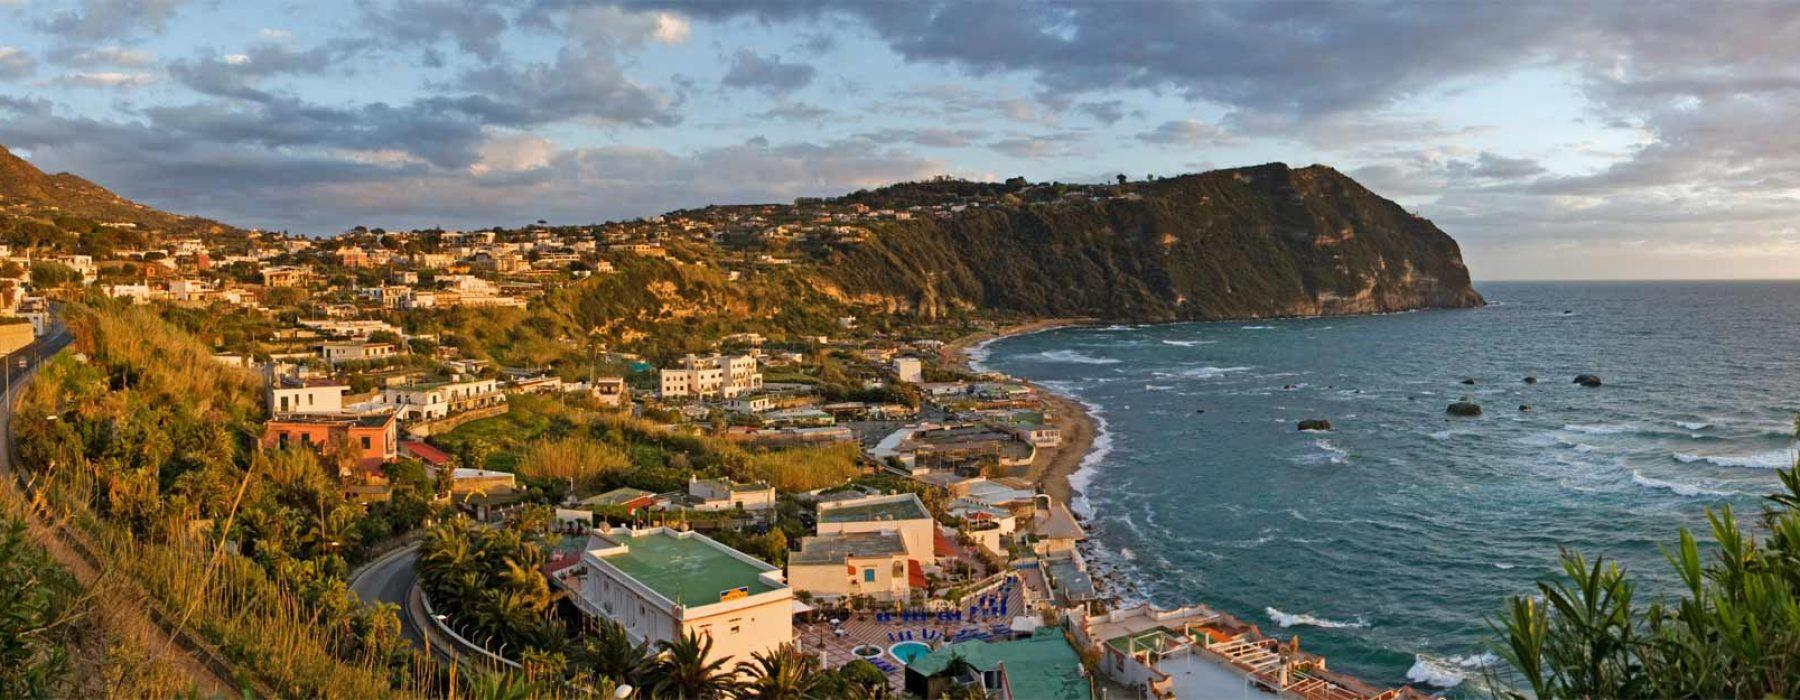 Königreich der zwei Sizilien: schöne grüne Terrassen mit Blick auf das Meer, Mortella, Negombo und Villa San Michele.